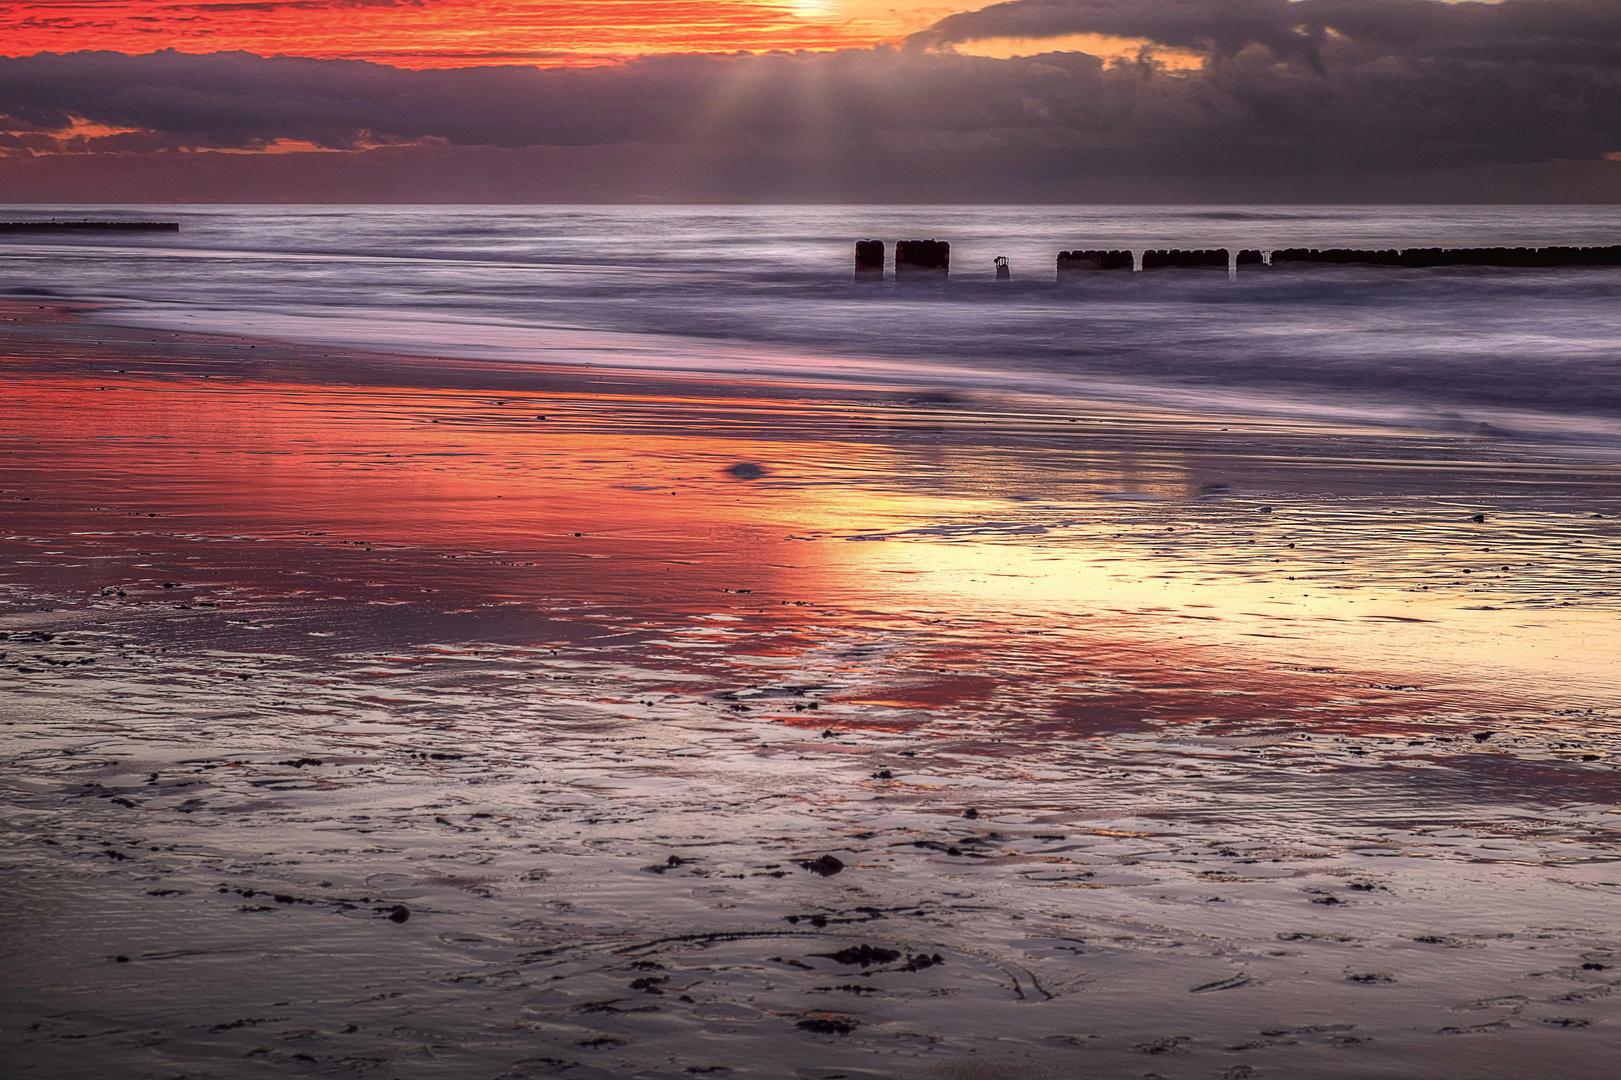 Sonnenuntergang am Strand bei Kampen